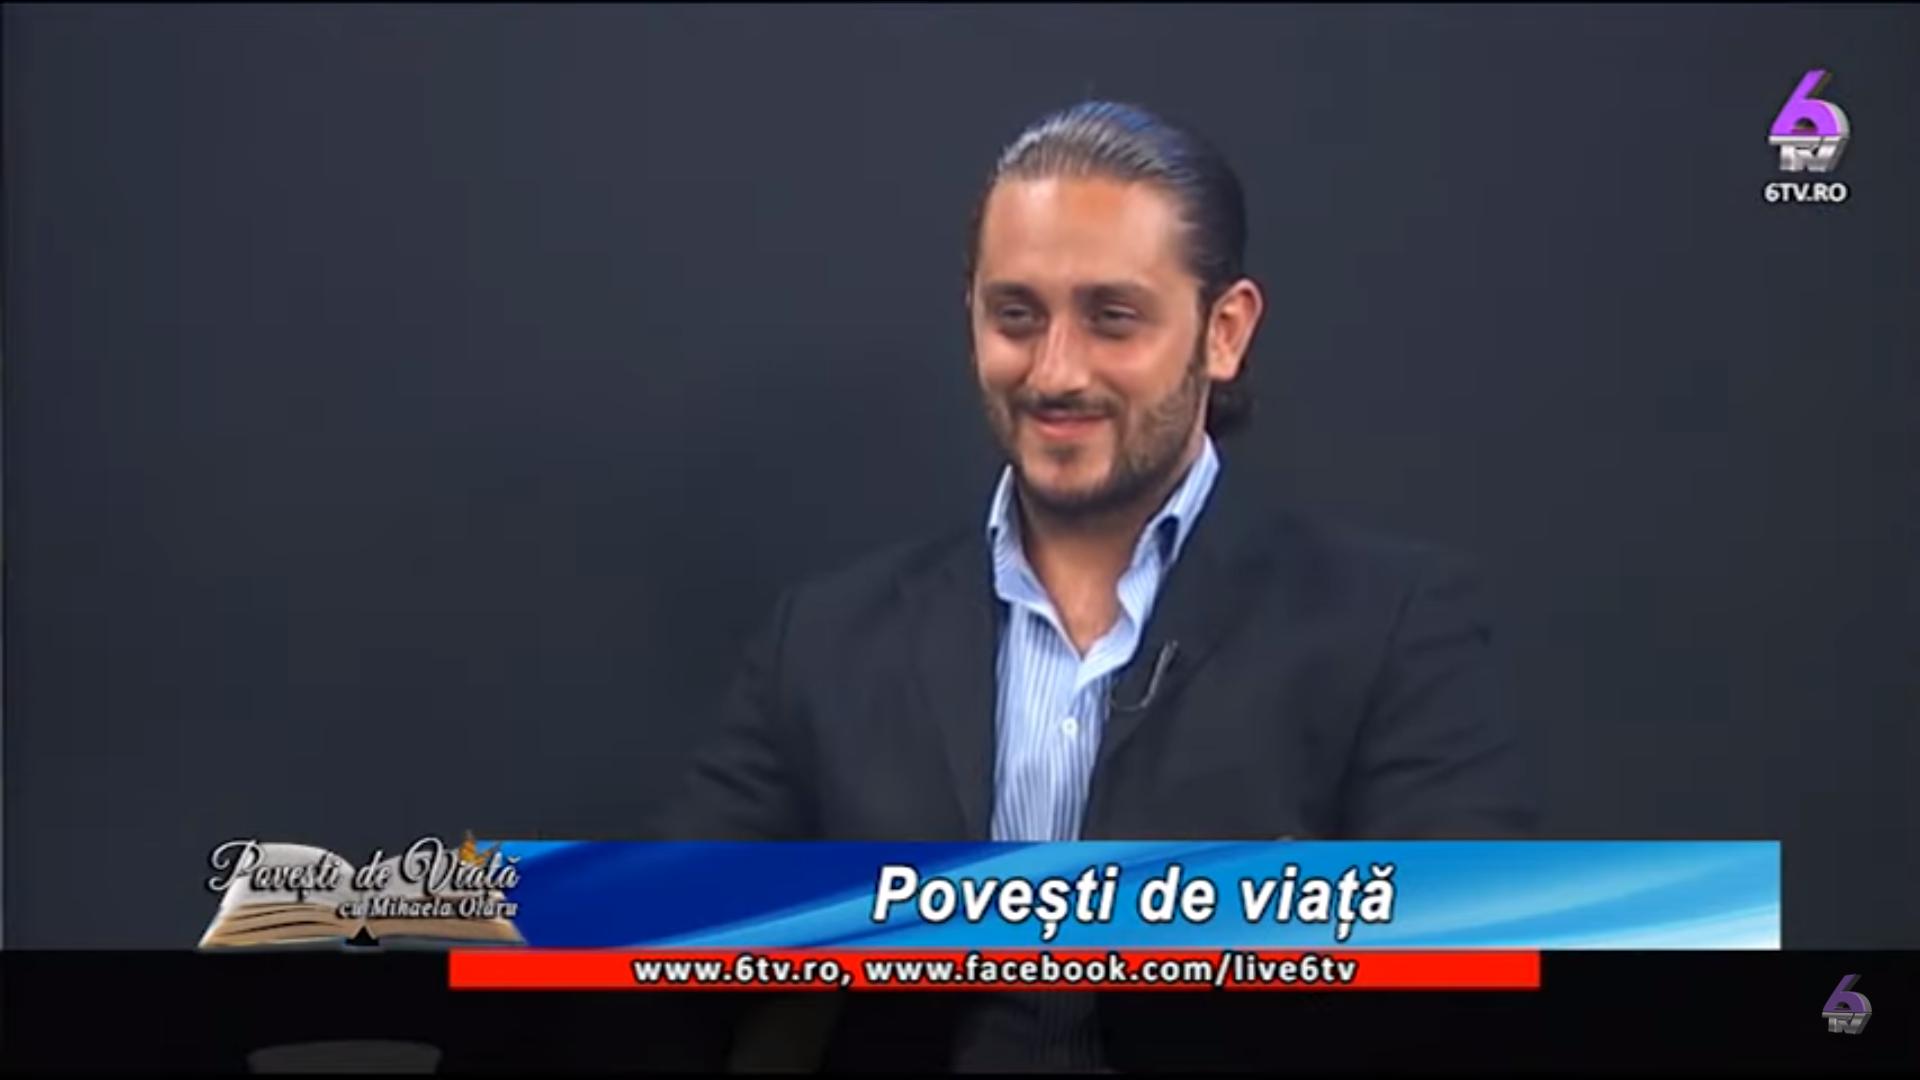 24. Hairstylist Alexandru Arambașa